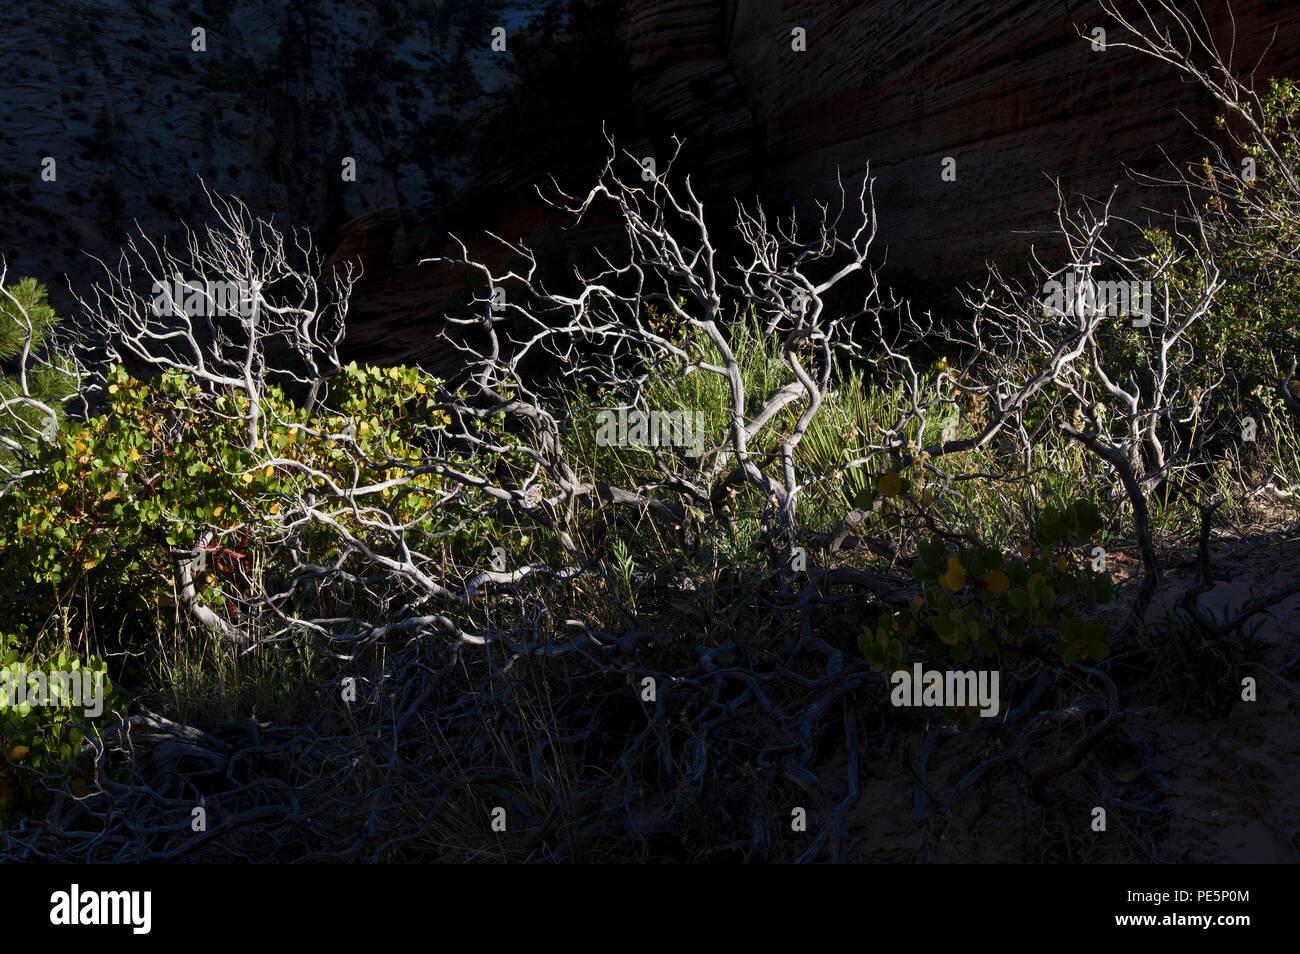 Morning light hitting desert bushes in Zion National Park, Utah, United States - Stock Image